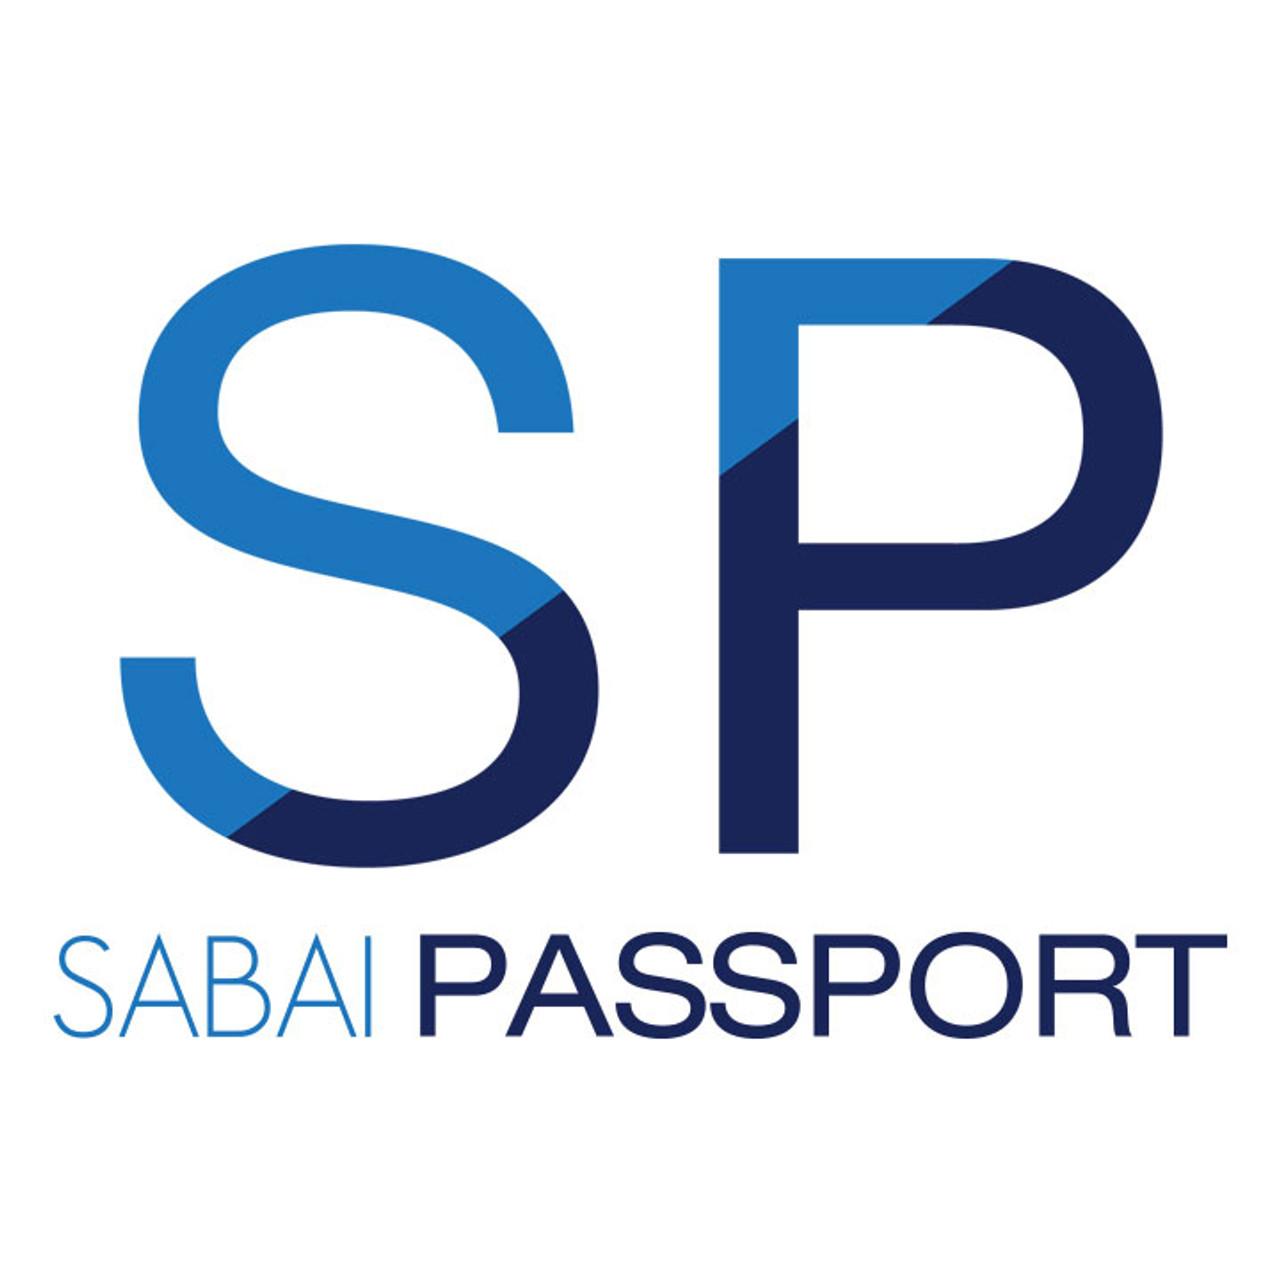 Sabai Passport